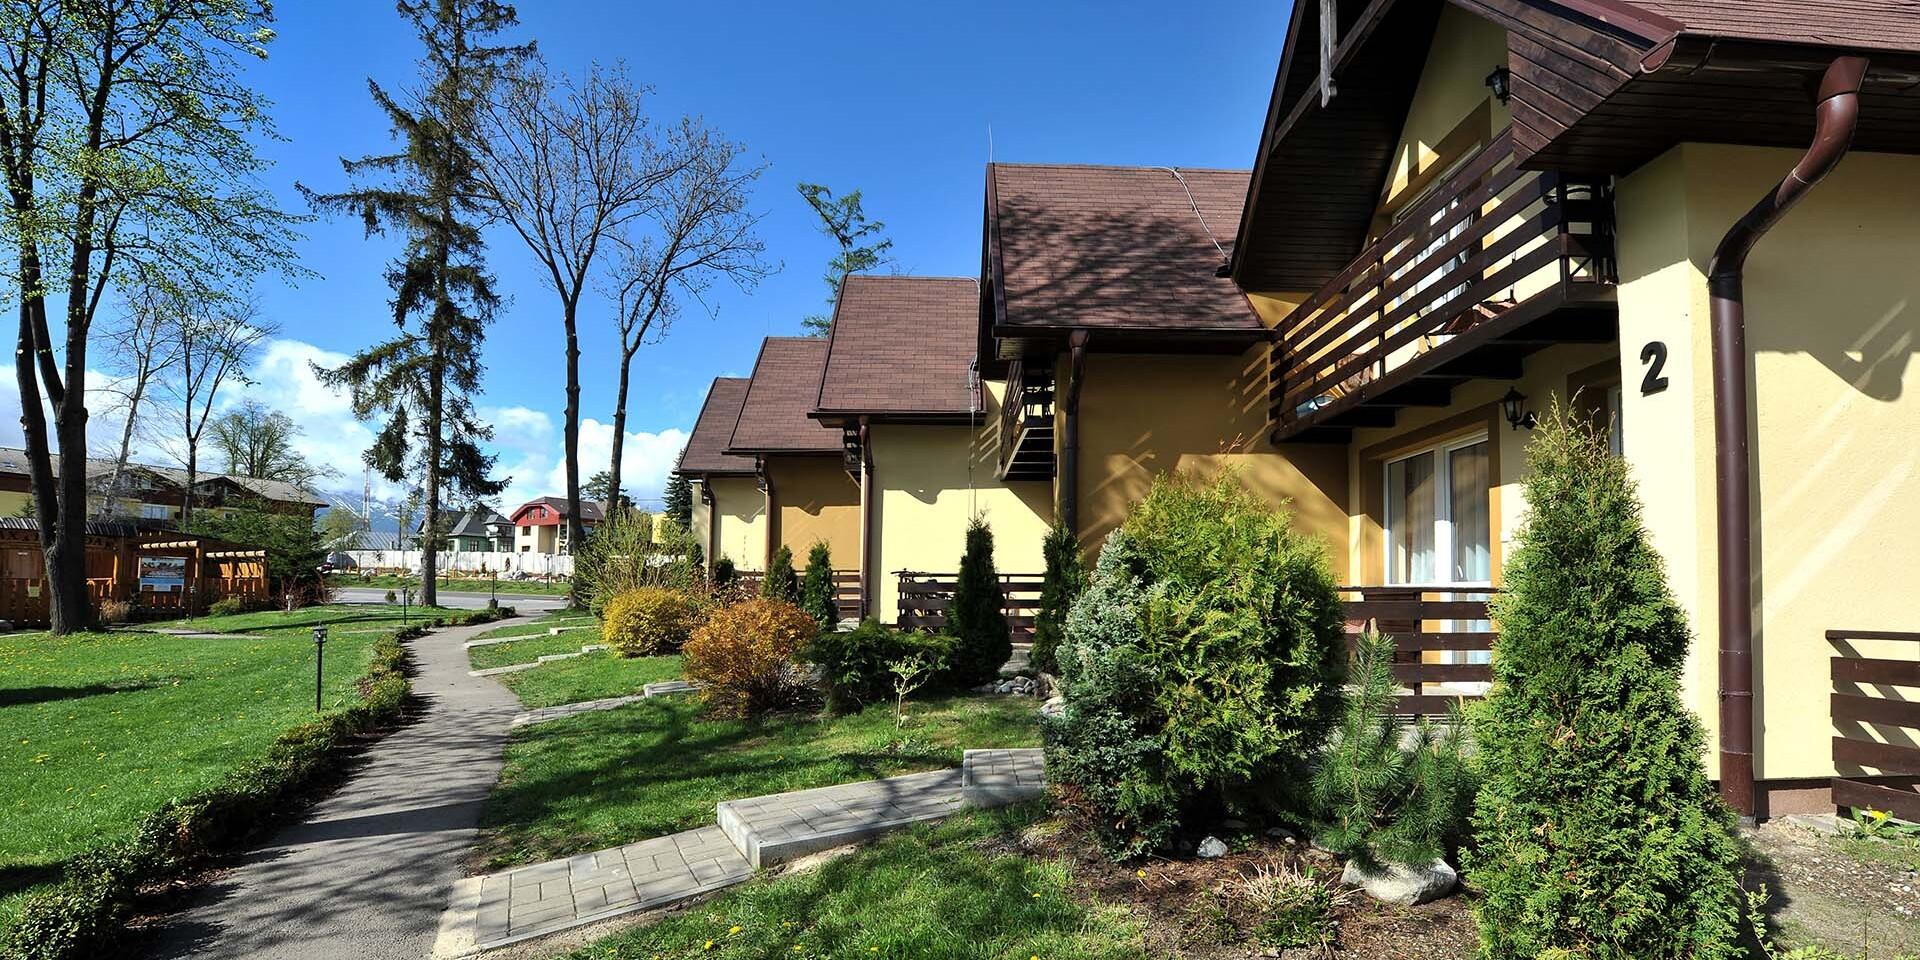 Príjemné ubytovanie vo vilách pod Lomnickým štítom so saunou a ubytovaním pre dieťa do 6 rokov